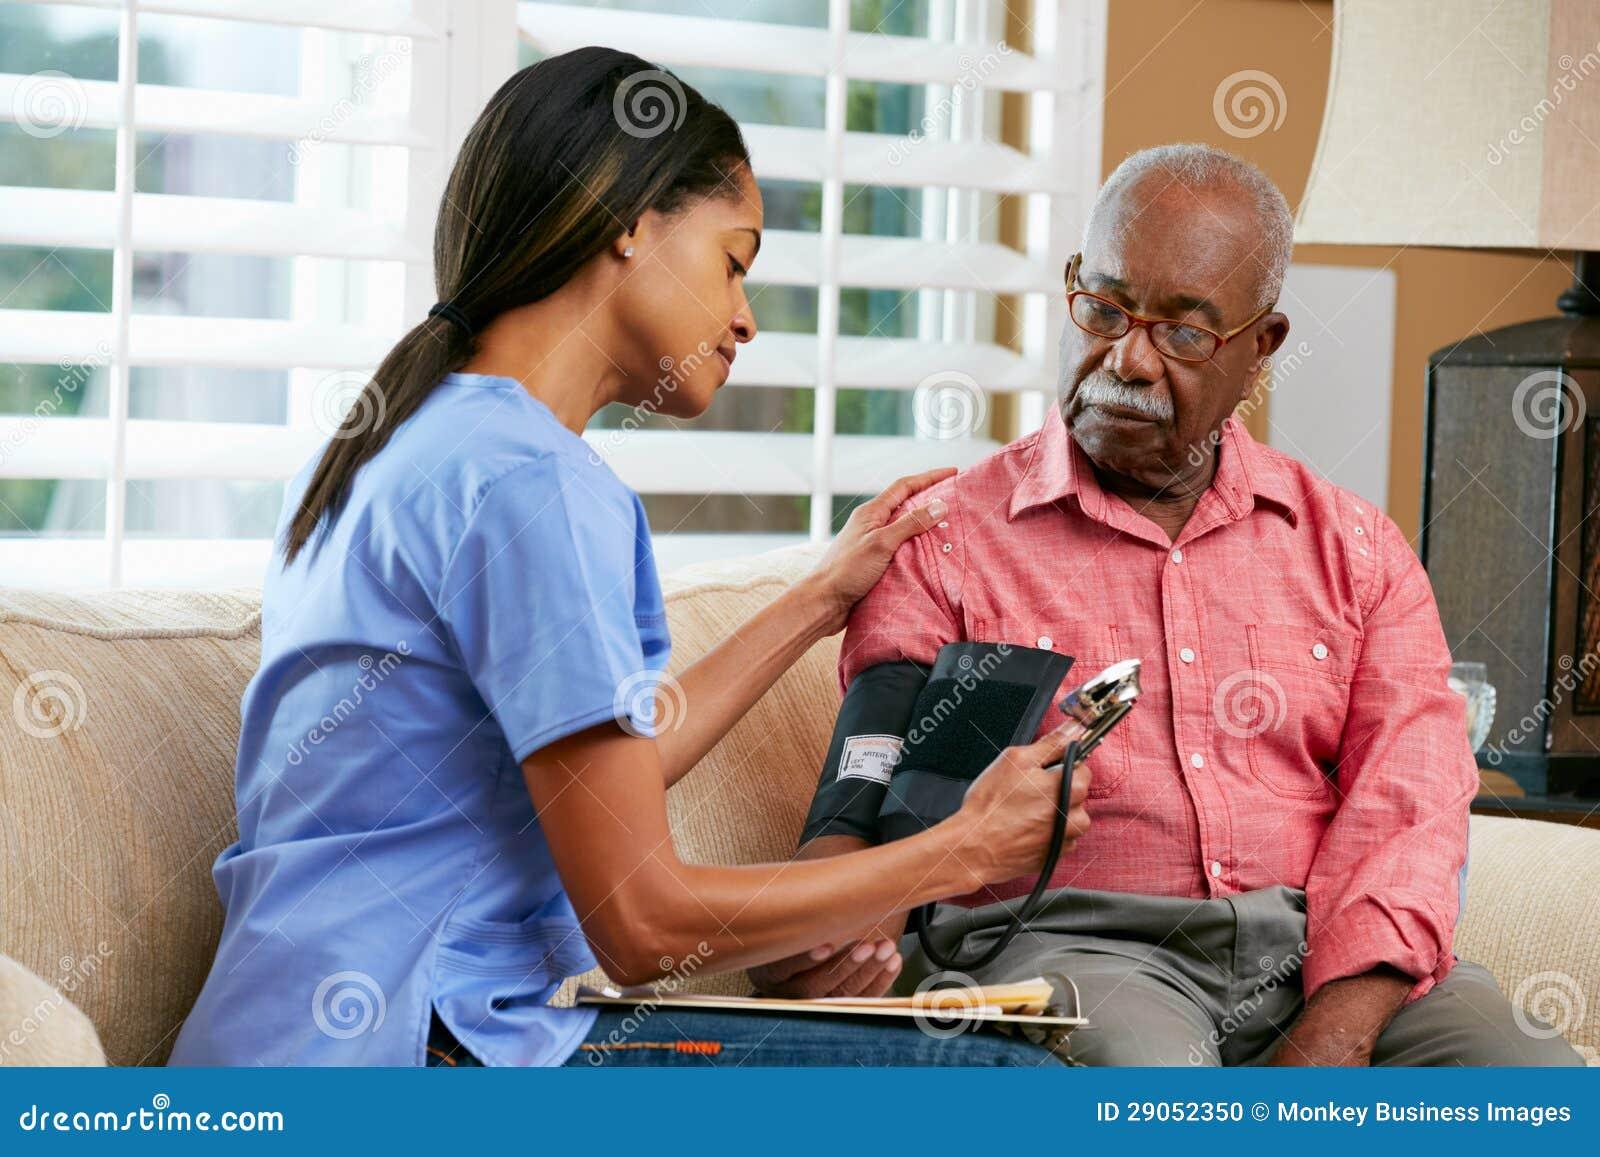 Pielęgniarka Odwiedza Starszego Męskiego pacjenta W Domu